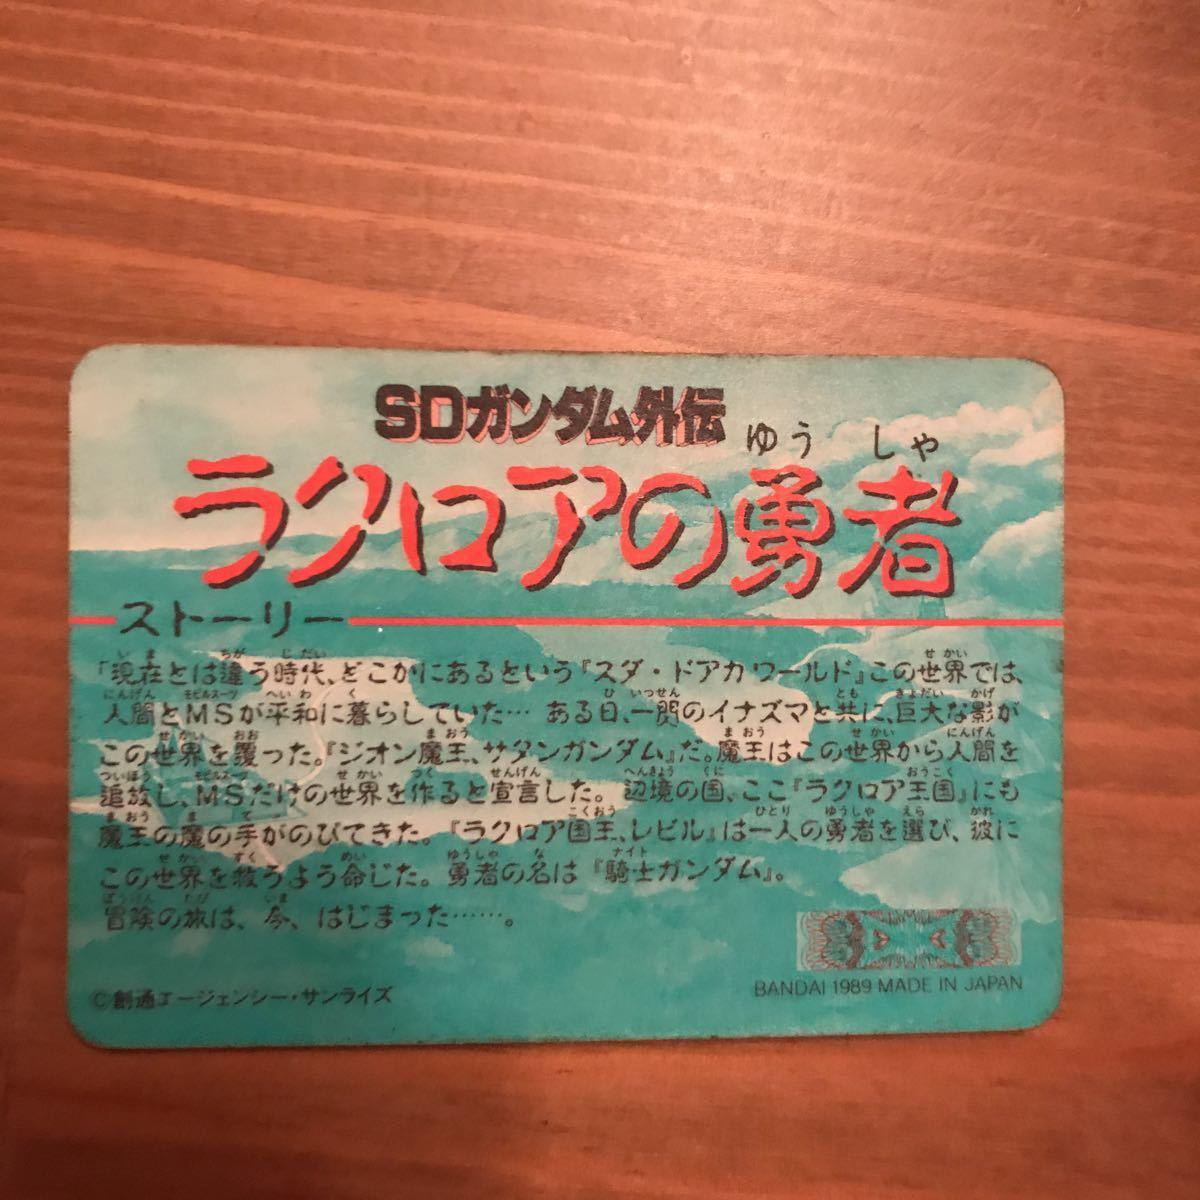 機動戦士ガンダム 大人気カードダス SDガンダム 外伝Ⅲ キラキラカード 騎士シァア レア物カード_画像9